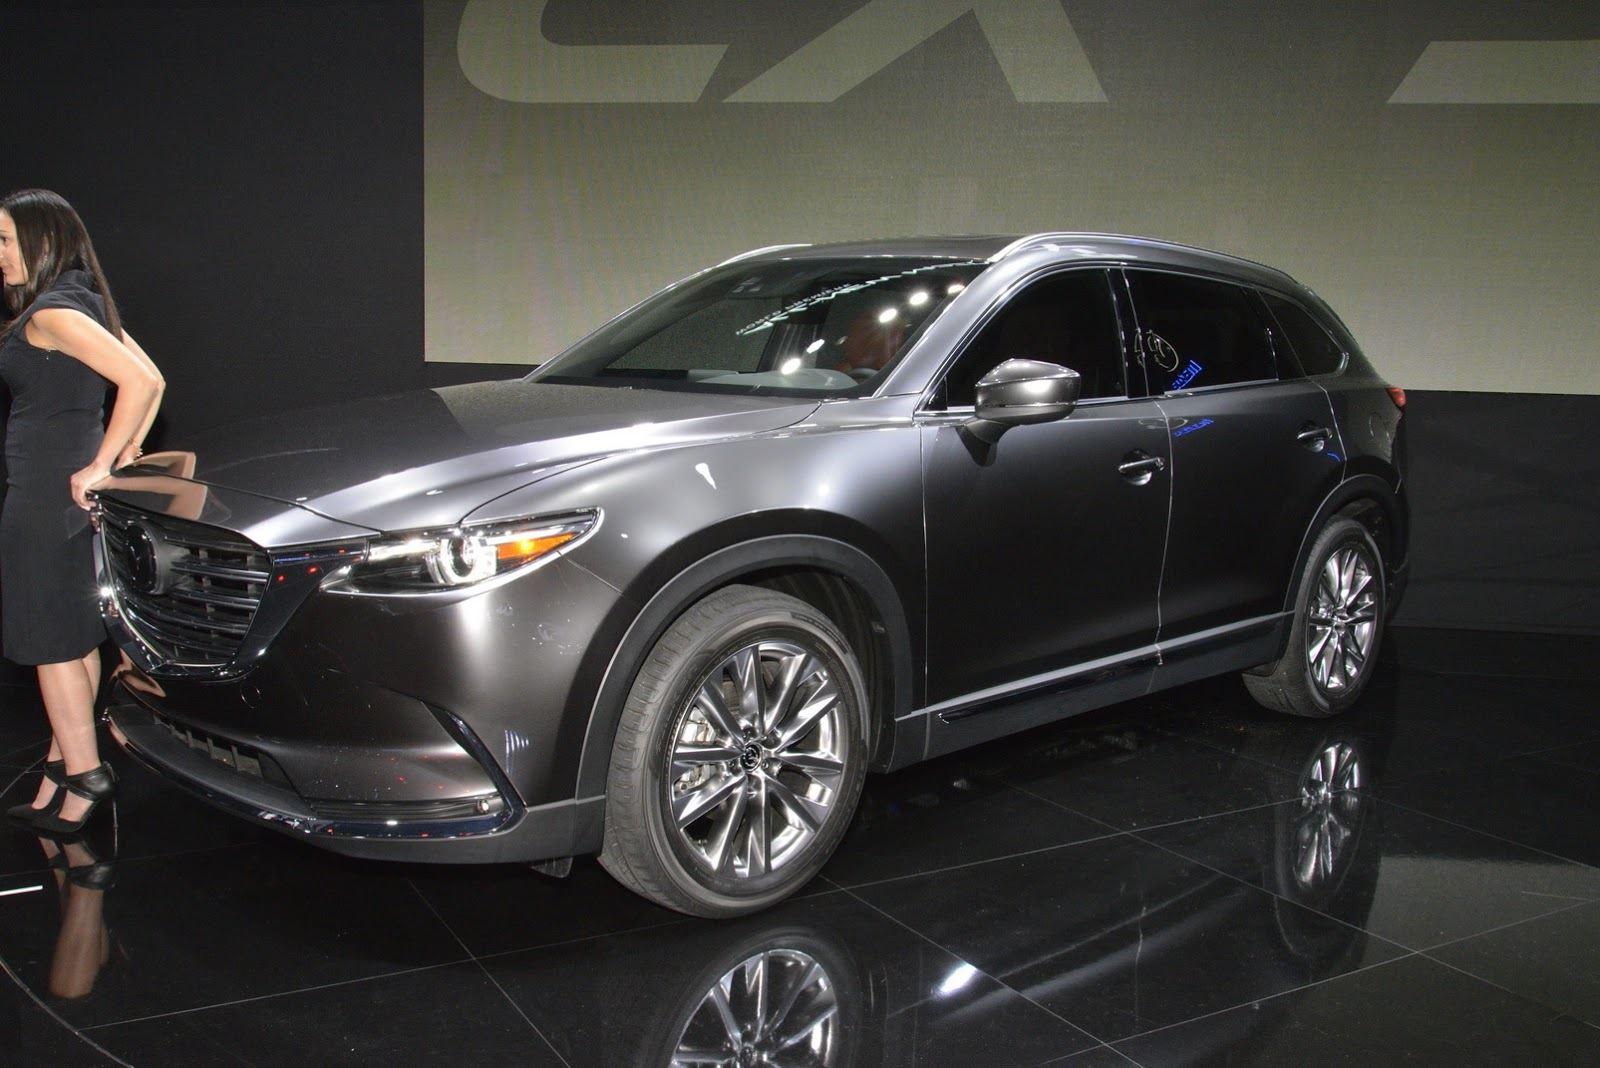 Новое поколение Mazda CX-9 появится в 2013 году